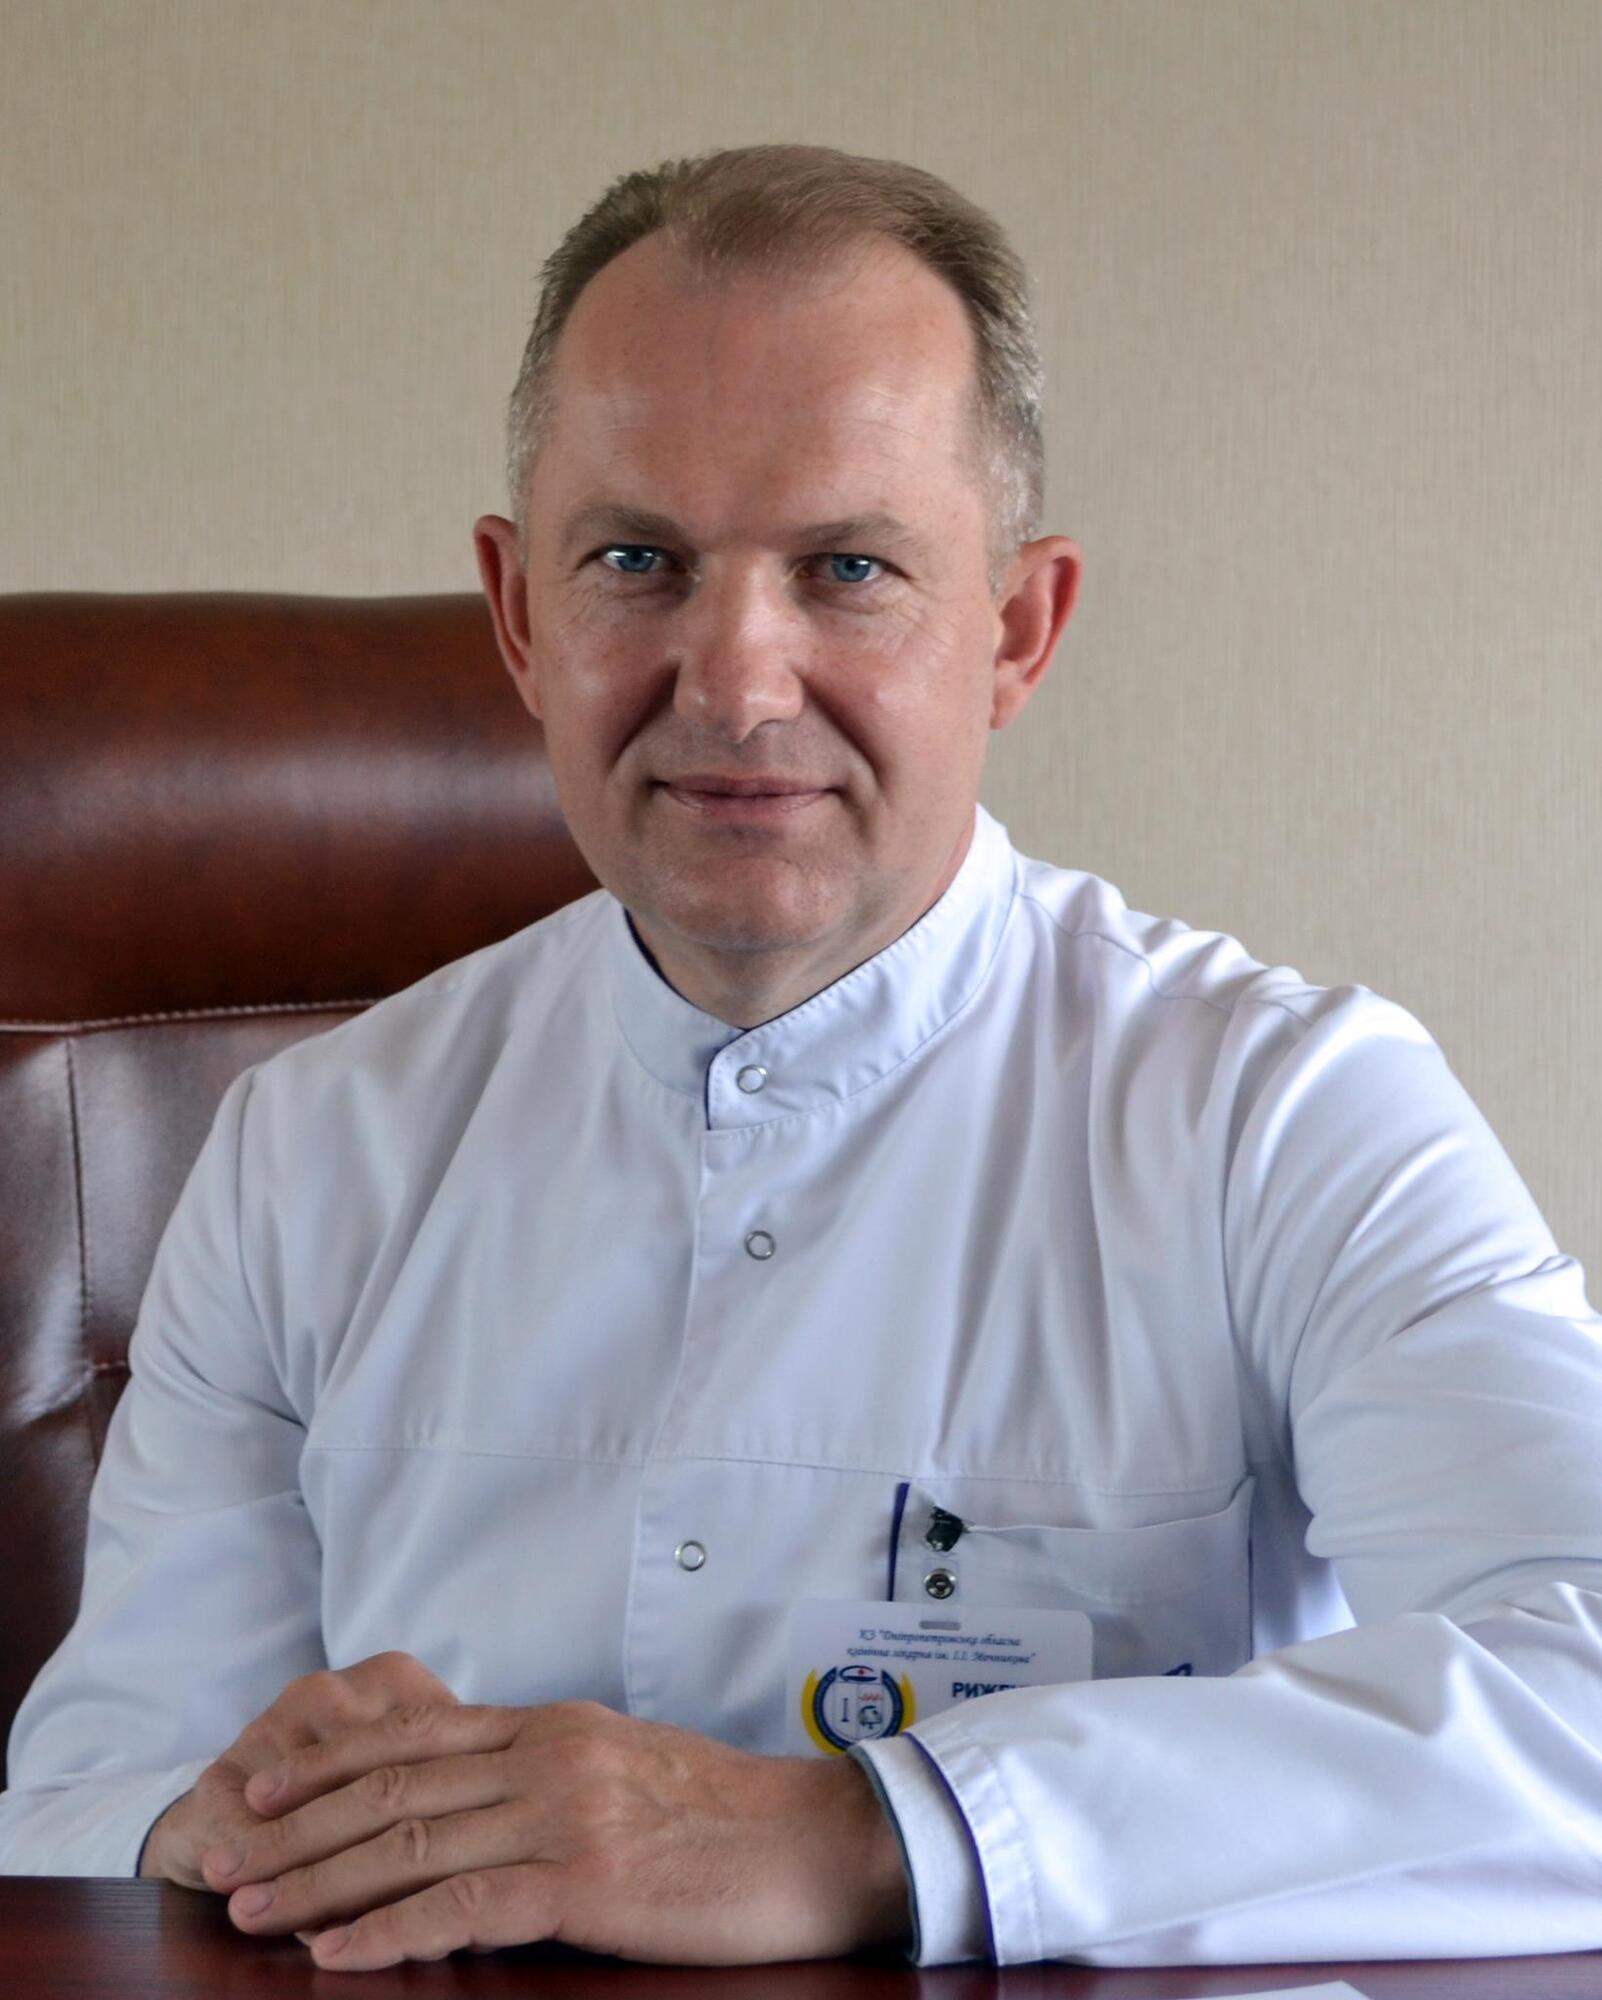 Сергій Риженко – головний лікар лікарні імені Мечникова